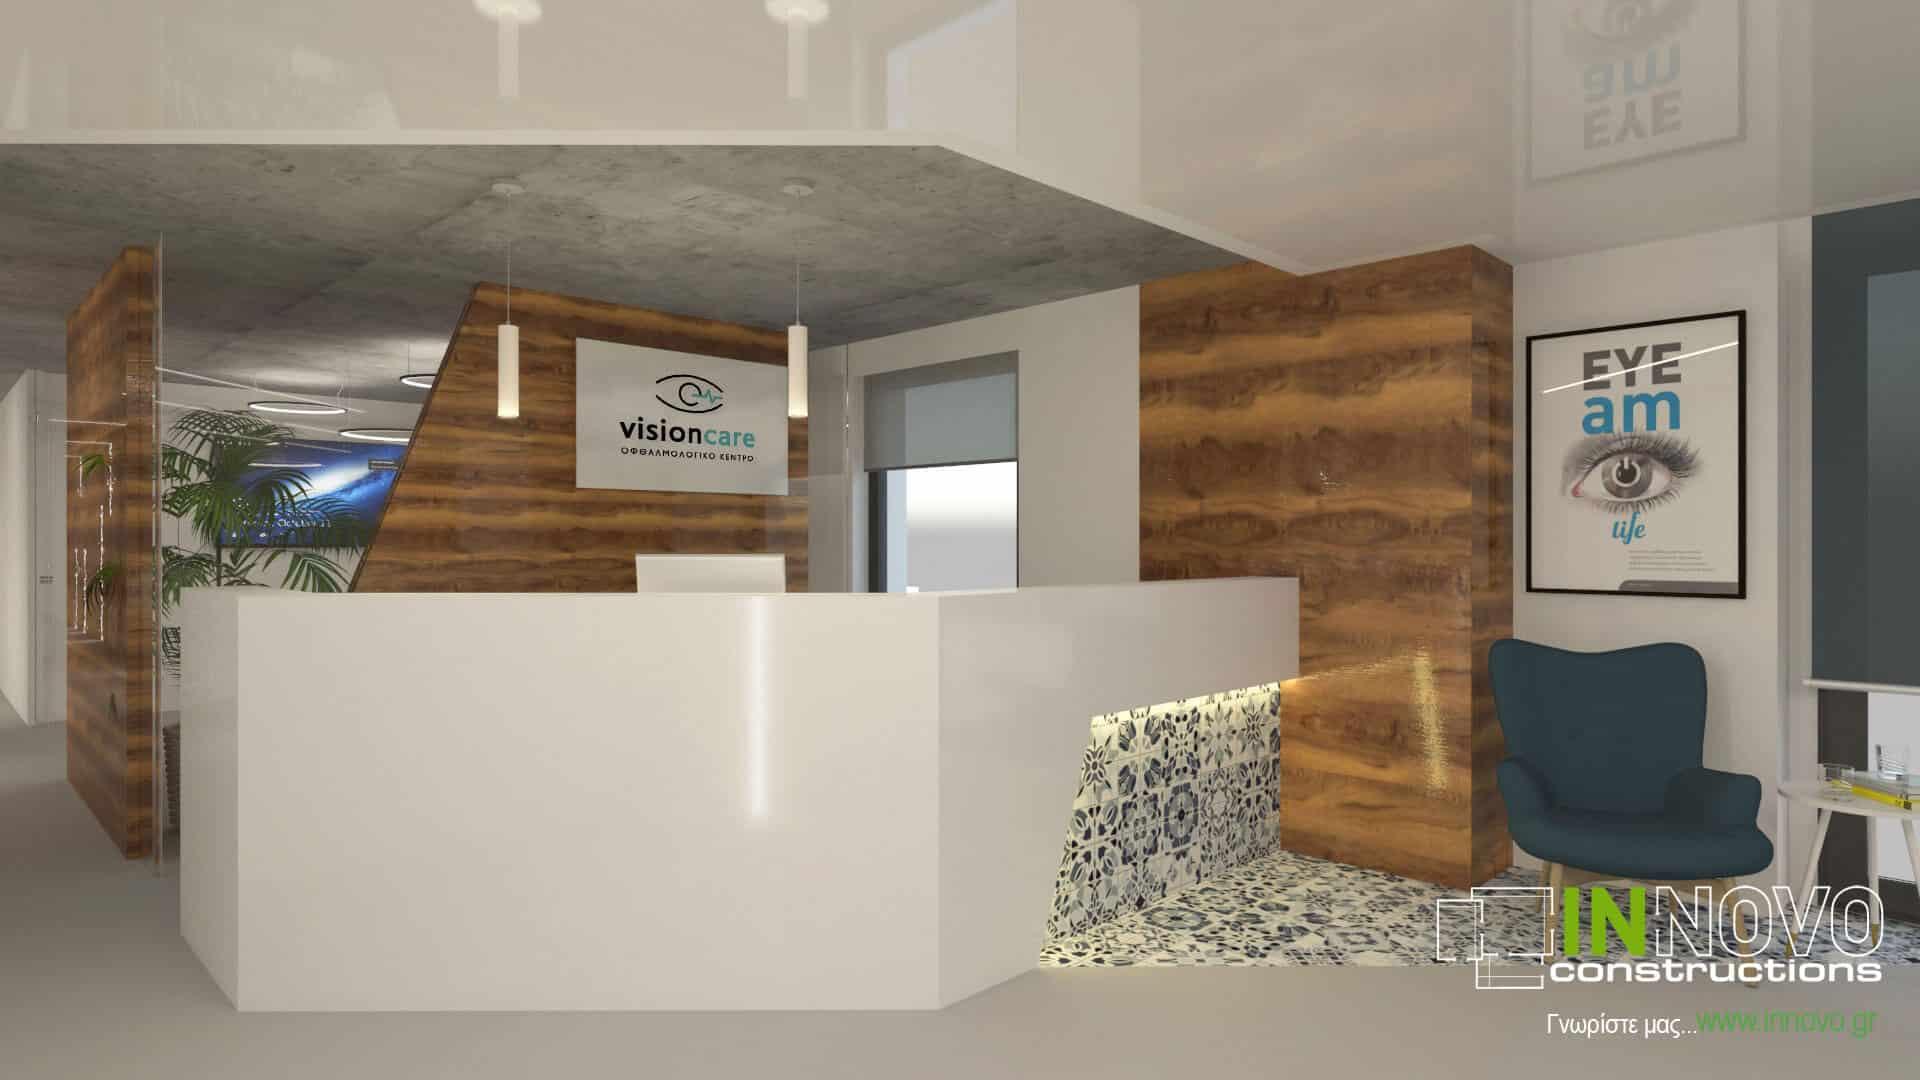 Σχεδιασμός οφθαλμολογικής κλινικής στη Γλυφάδα